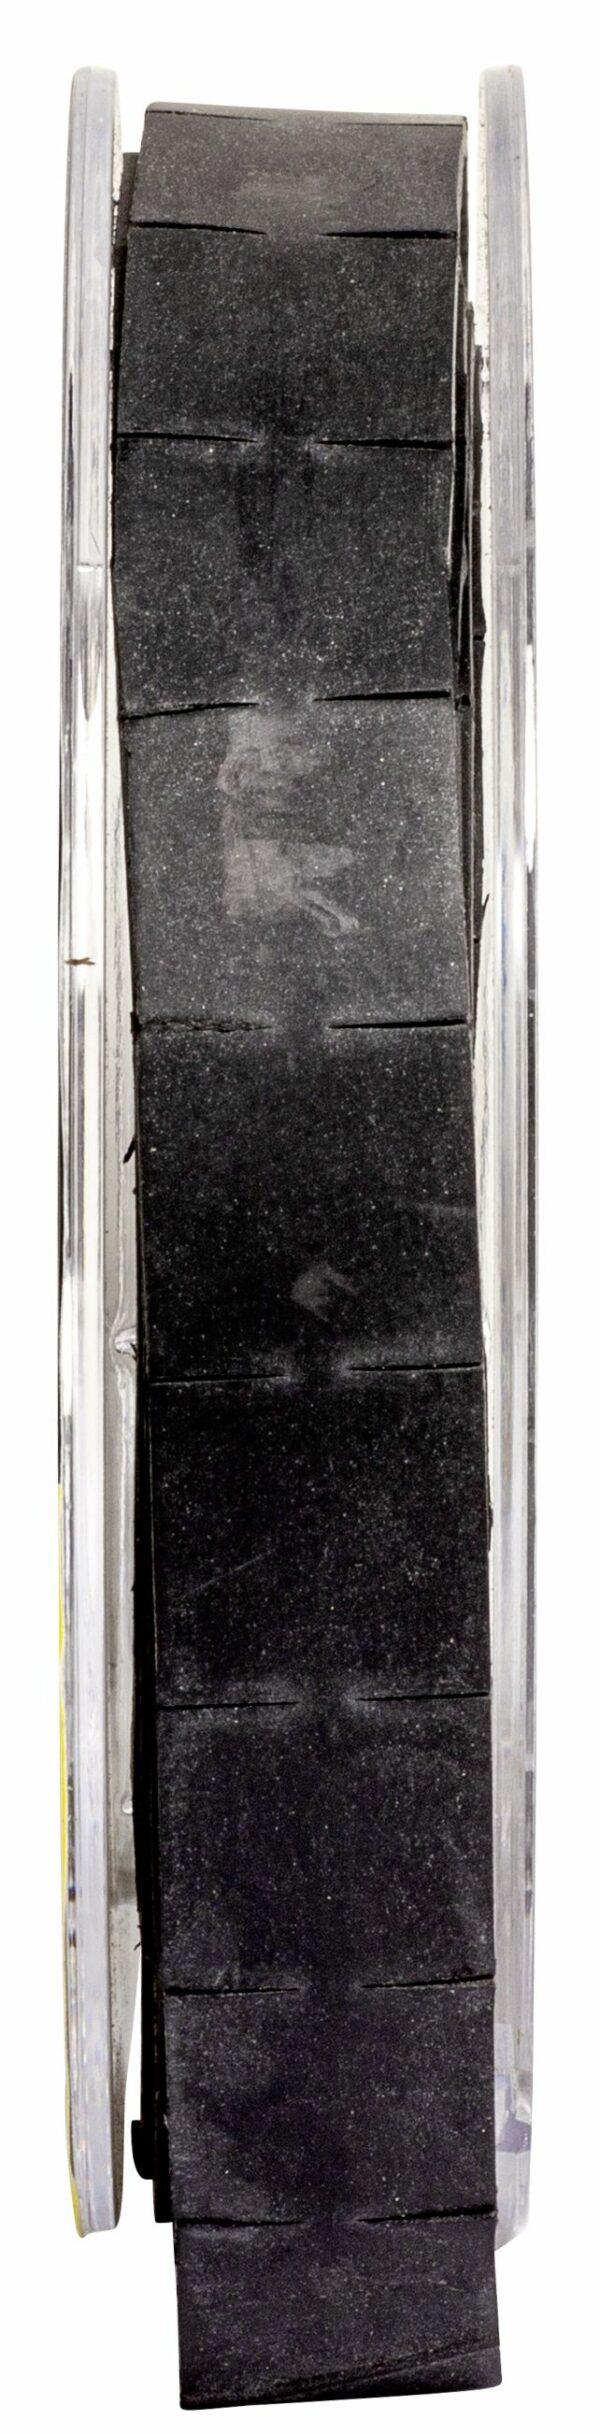 Stop Appât 15x15mm 1,5m Black Cat